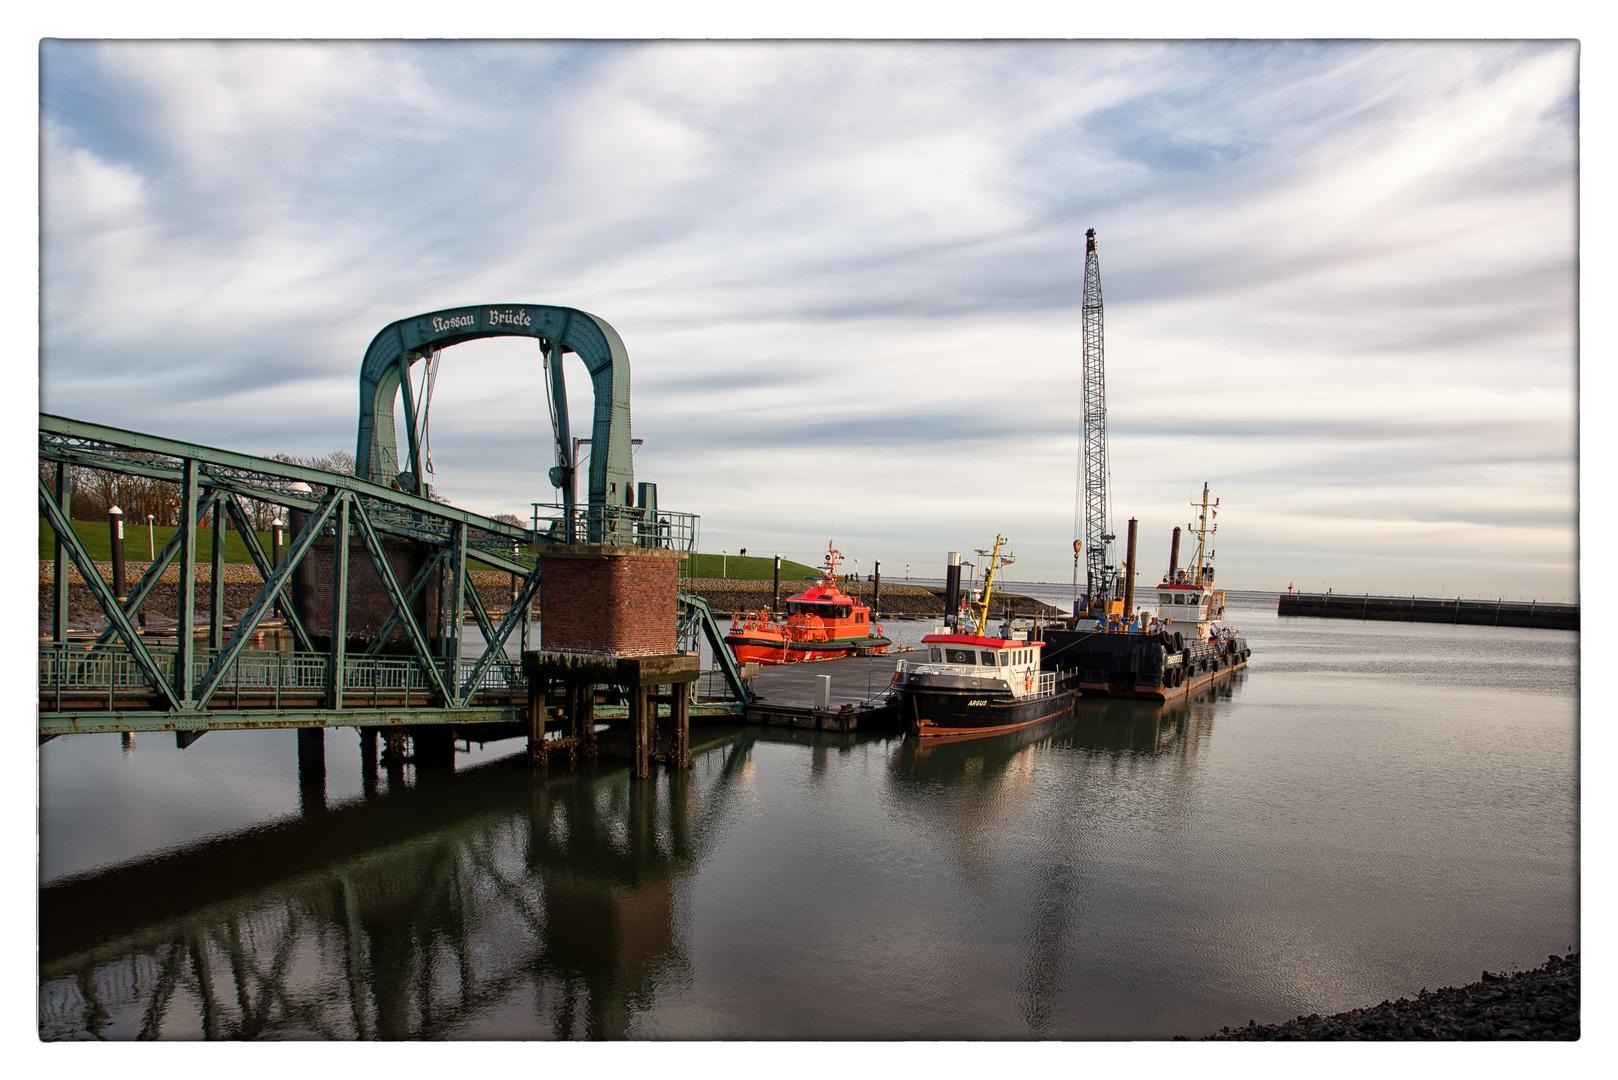 Nassaubrücke in Wilhelmshaven